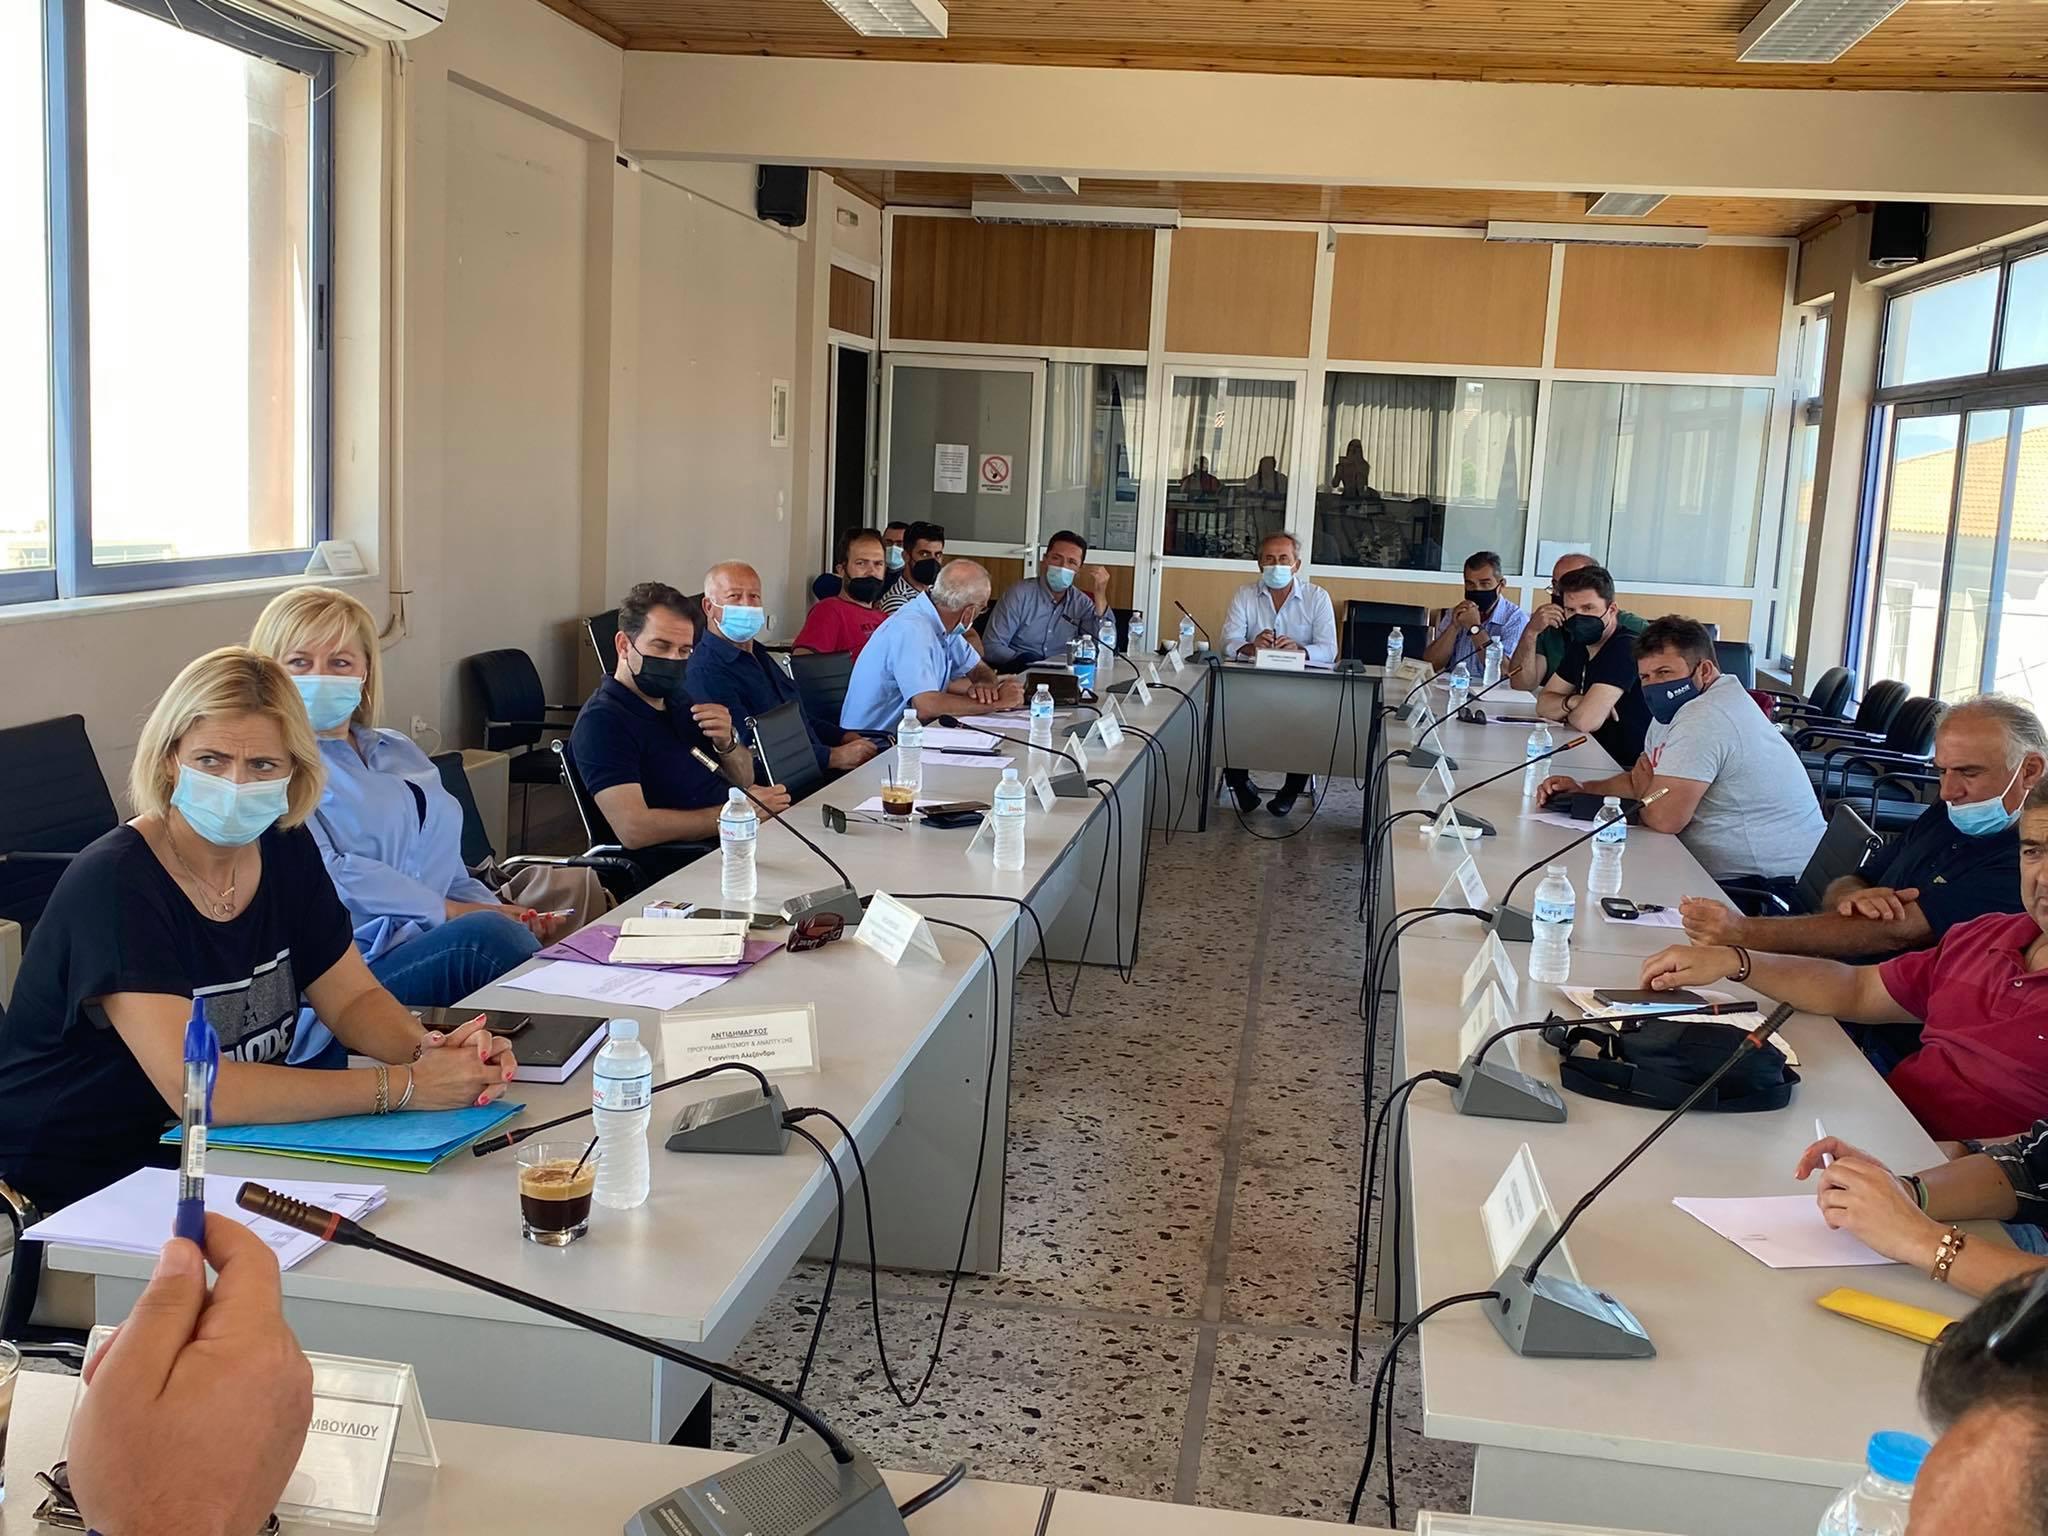 Δήμος Ανδραβίδας-Κυλλήνης: Σύσκεψη με του Προέδρους των Κοινοτήτων του Δήμου για την αντιπυρική θωράκιση